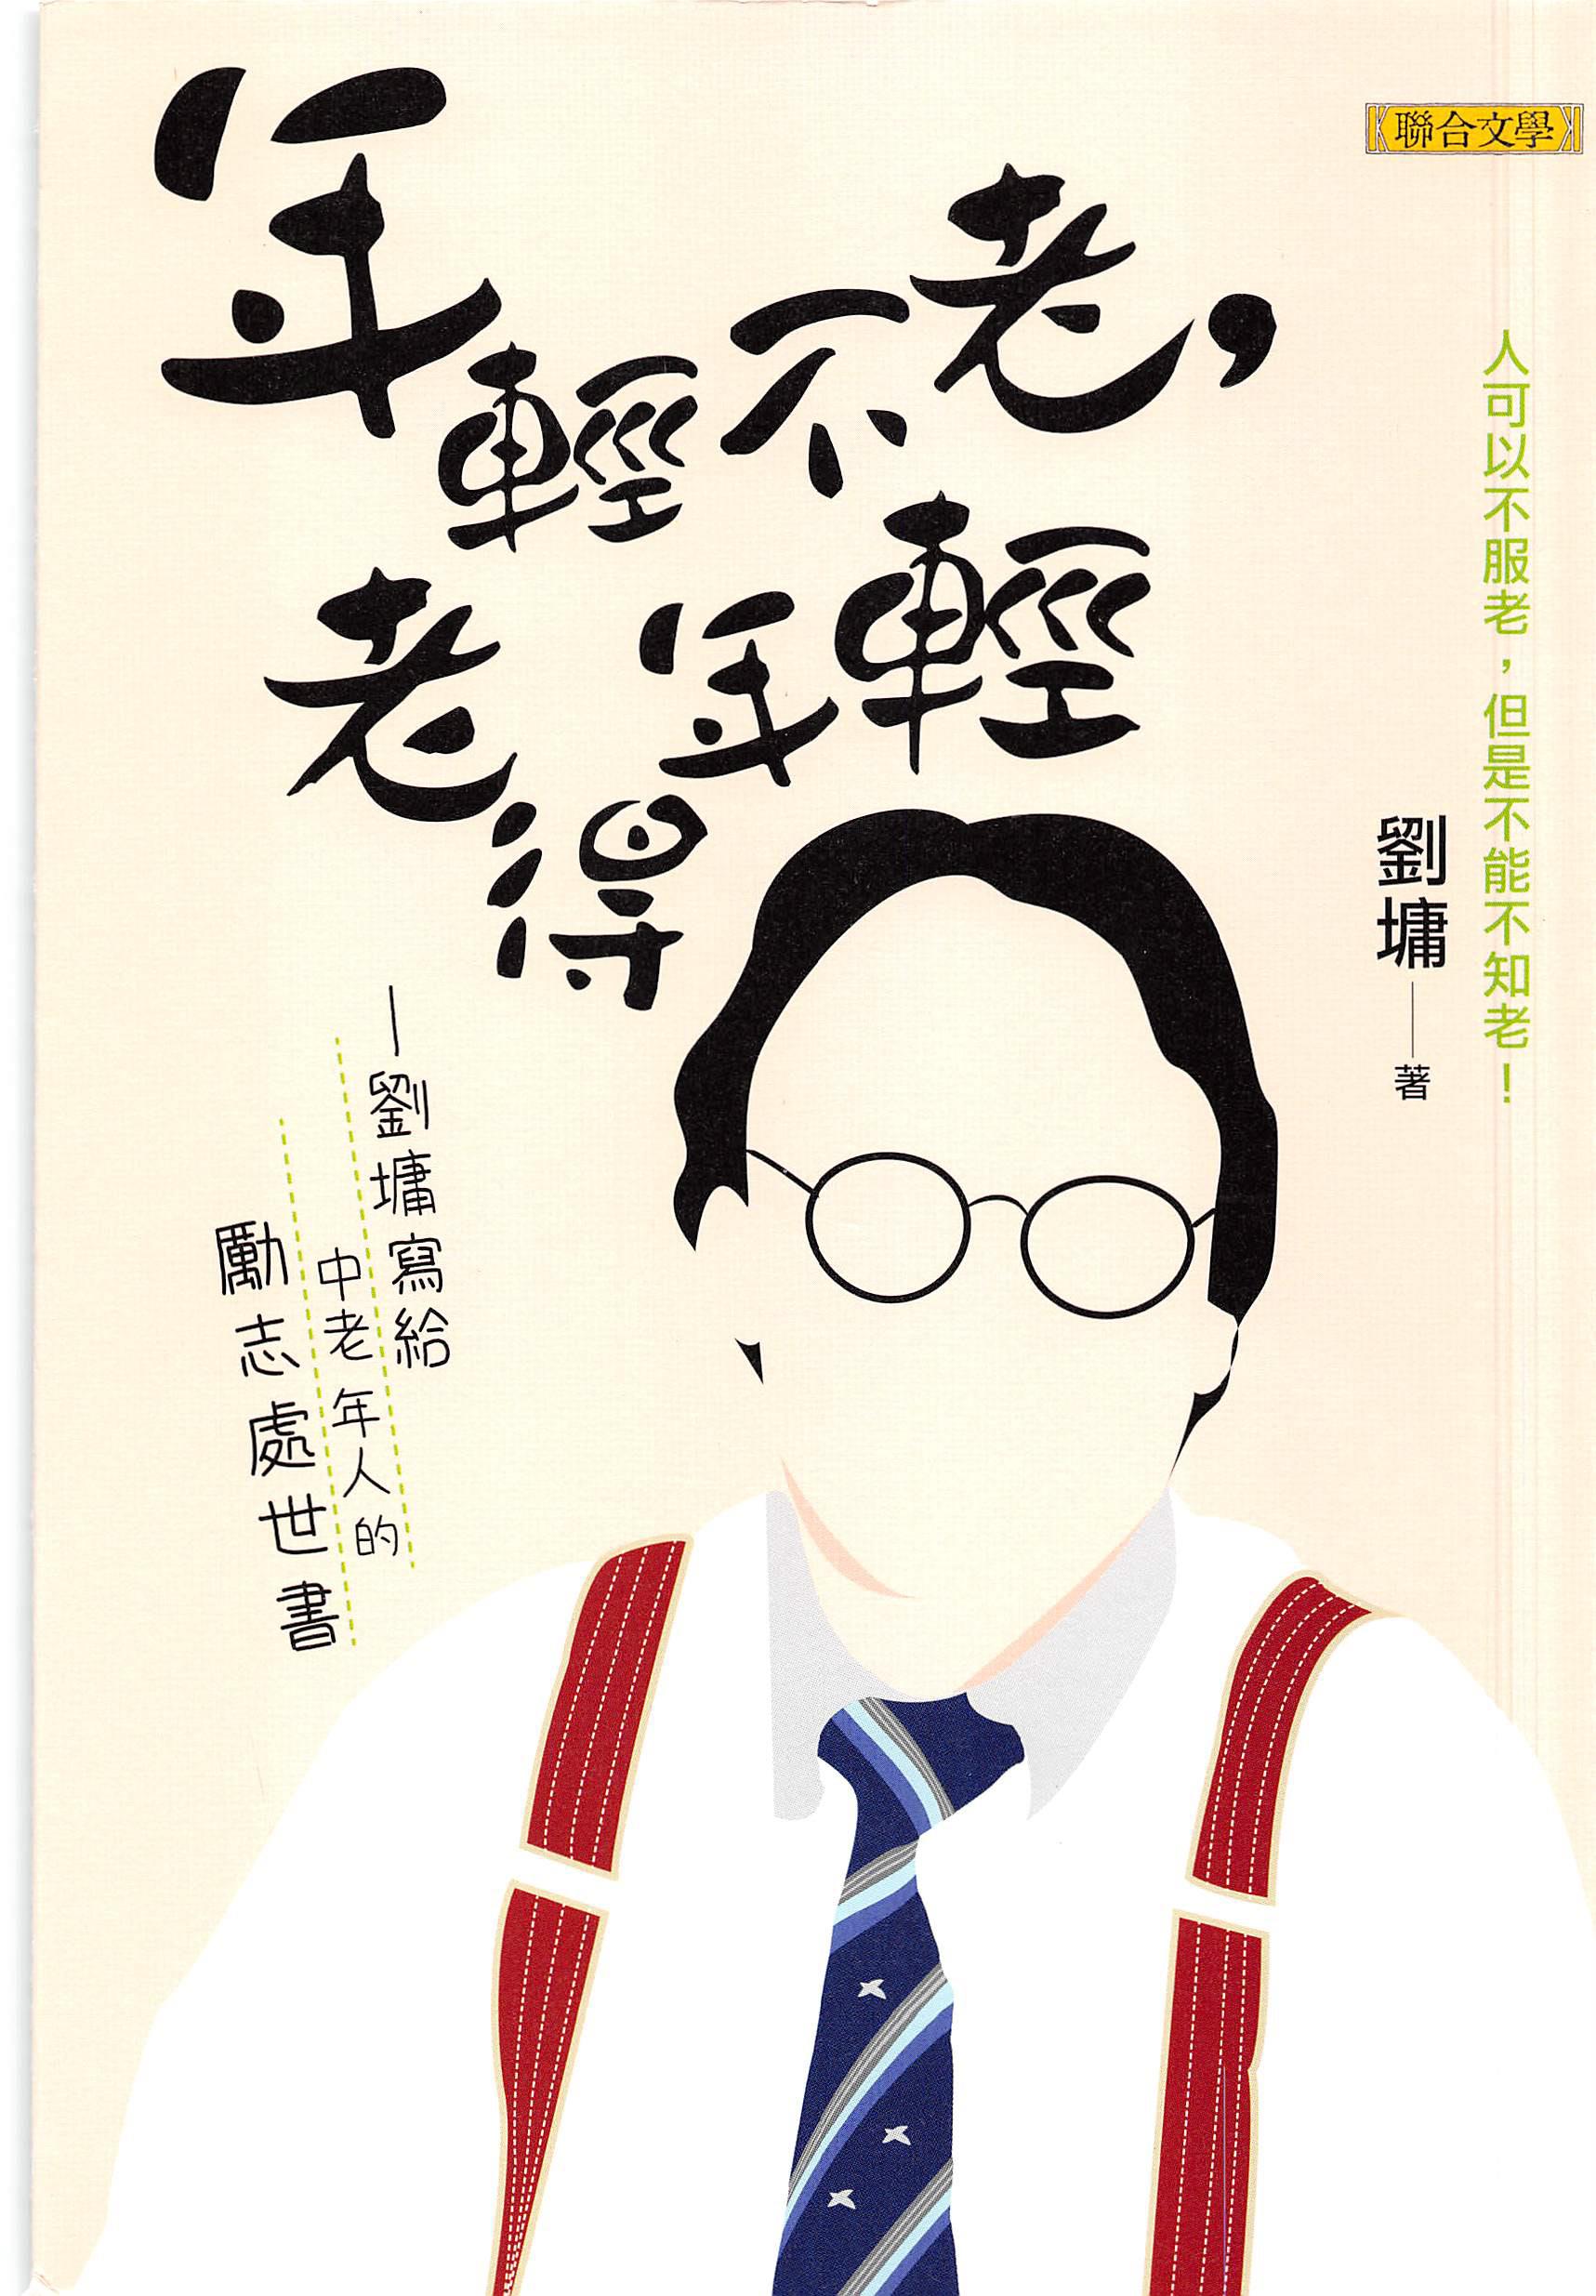 年輕不老 老得年輕 - 劉墉 (聯合文學) (語文) (封面)